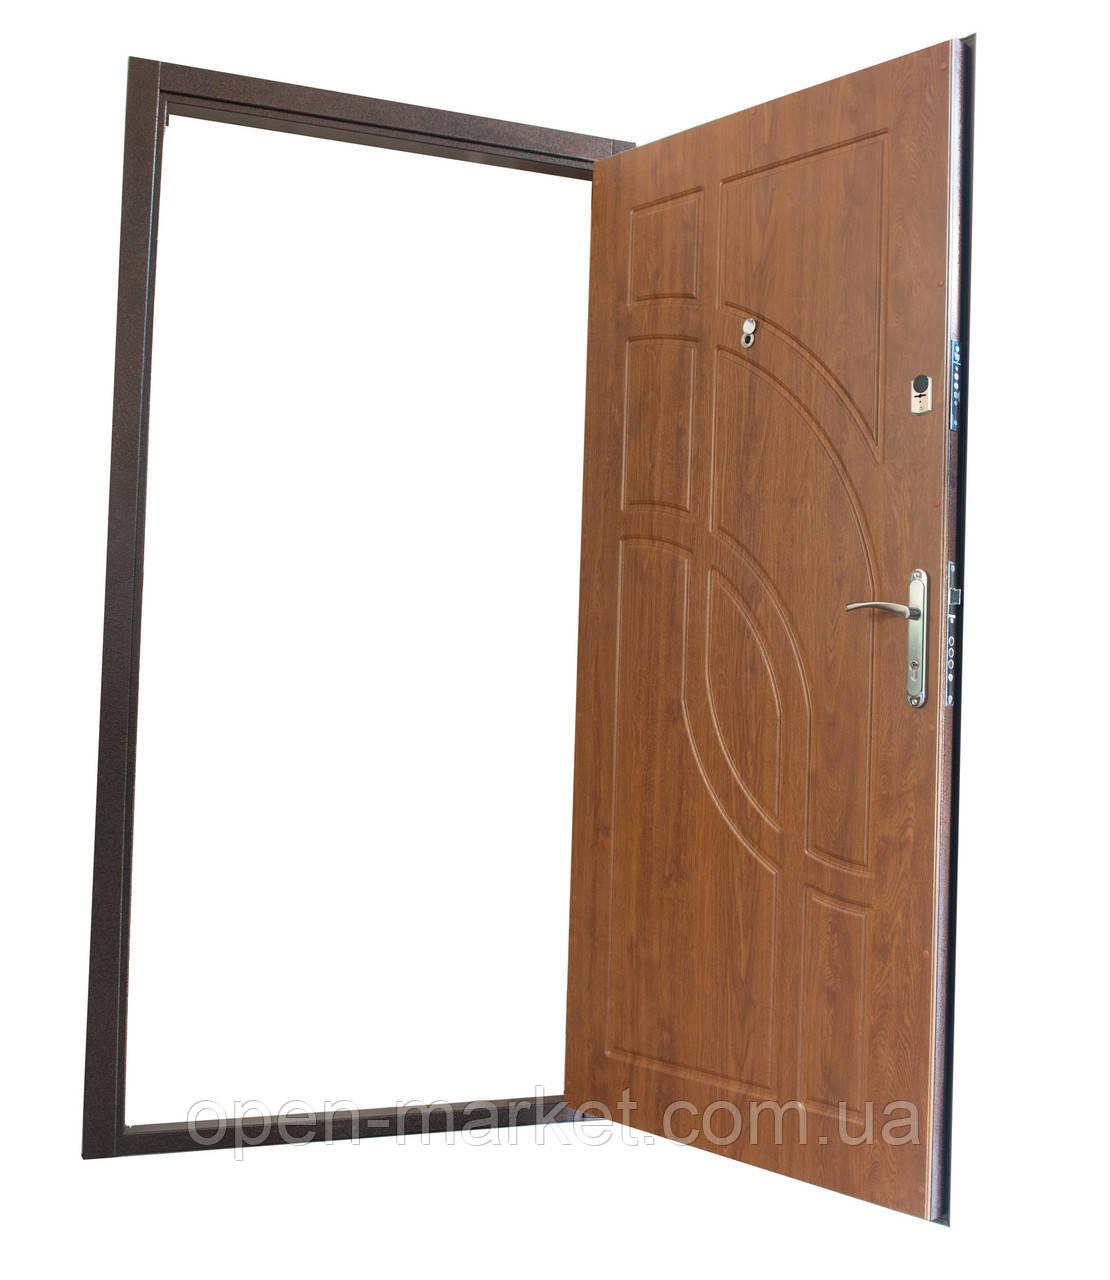 Двери уличные Козырка Николаевская область - OPEN в Николаеве